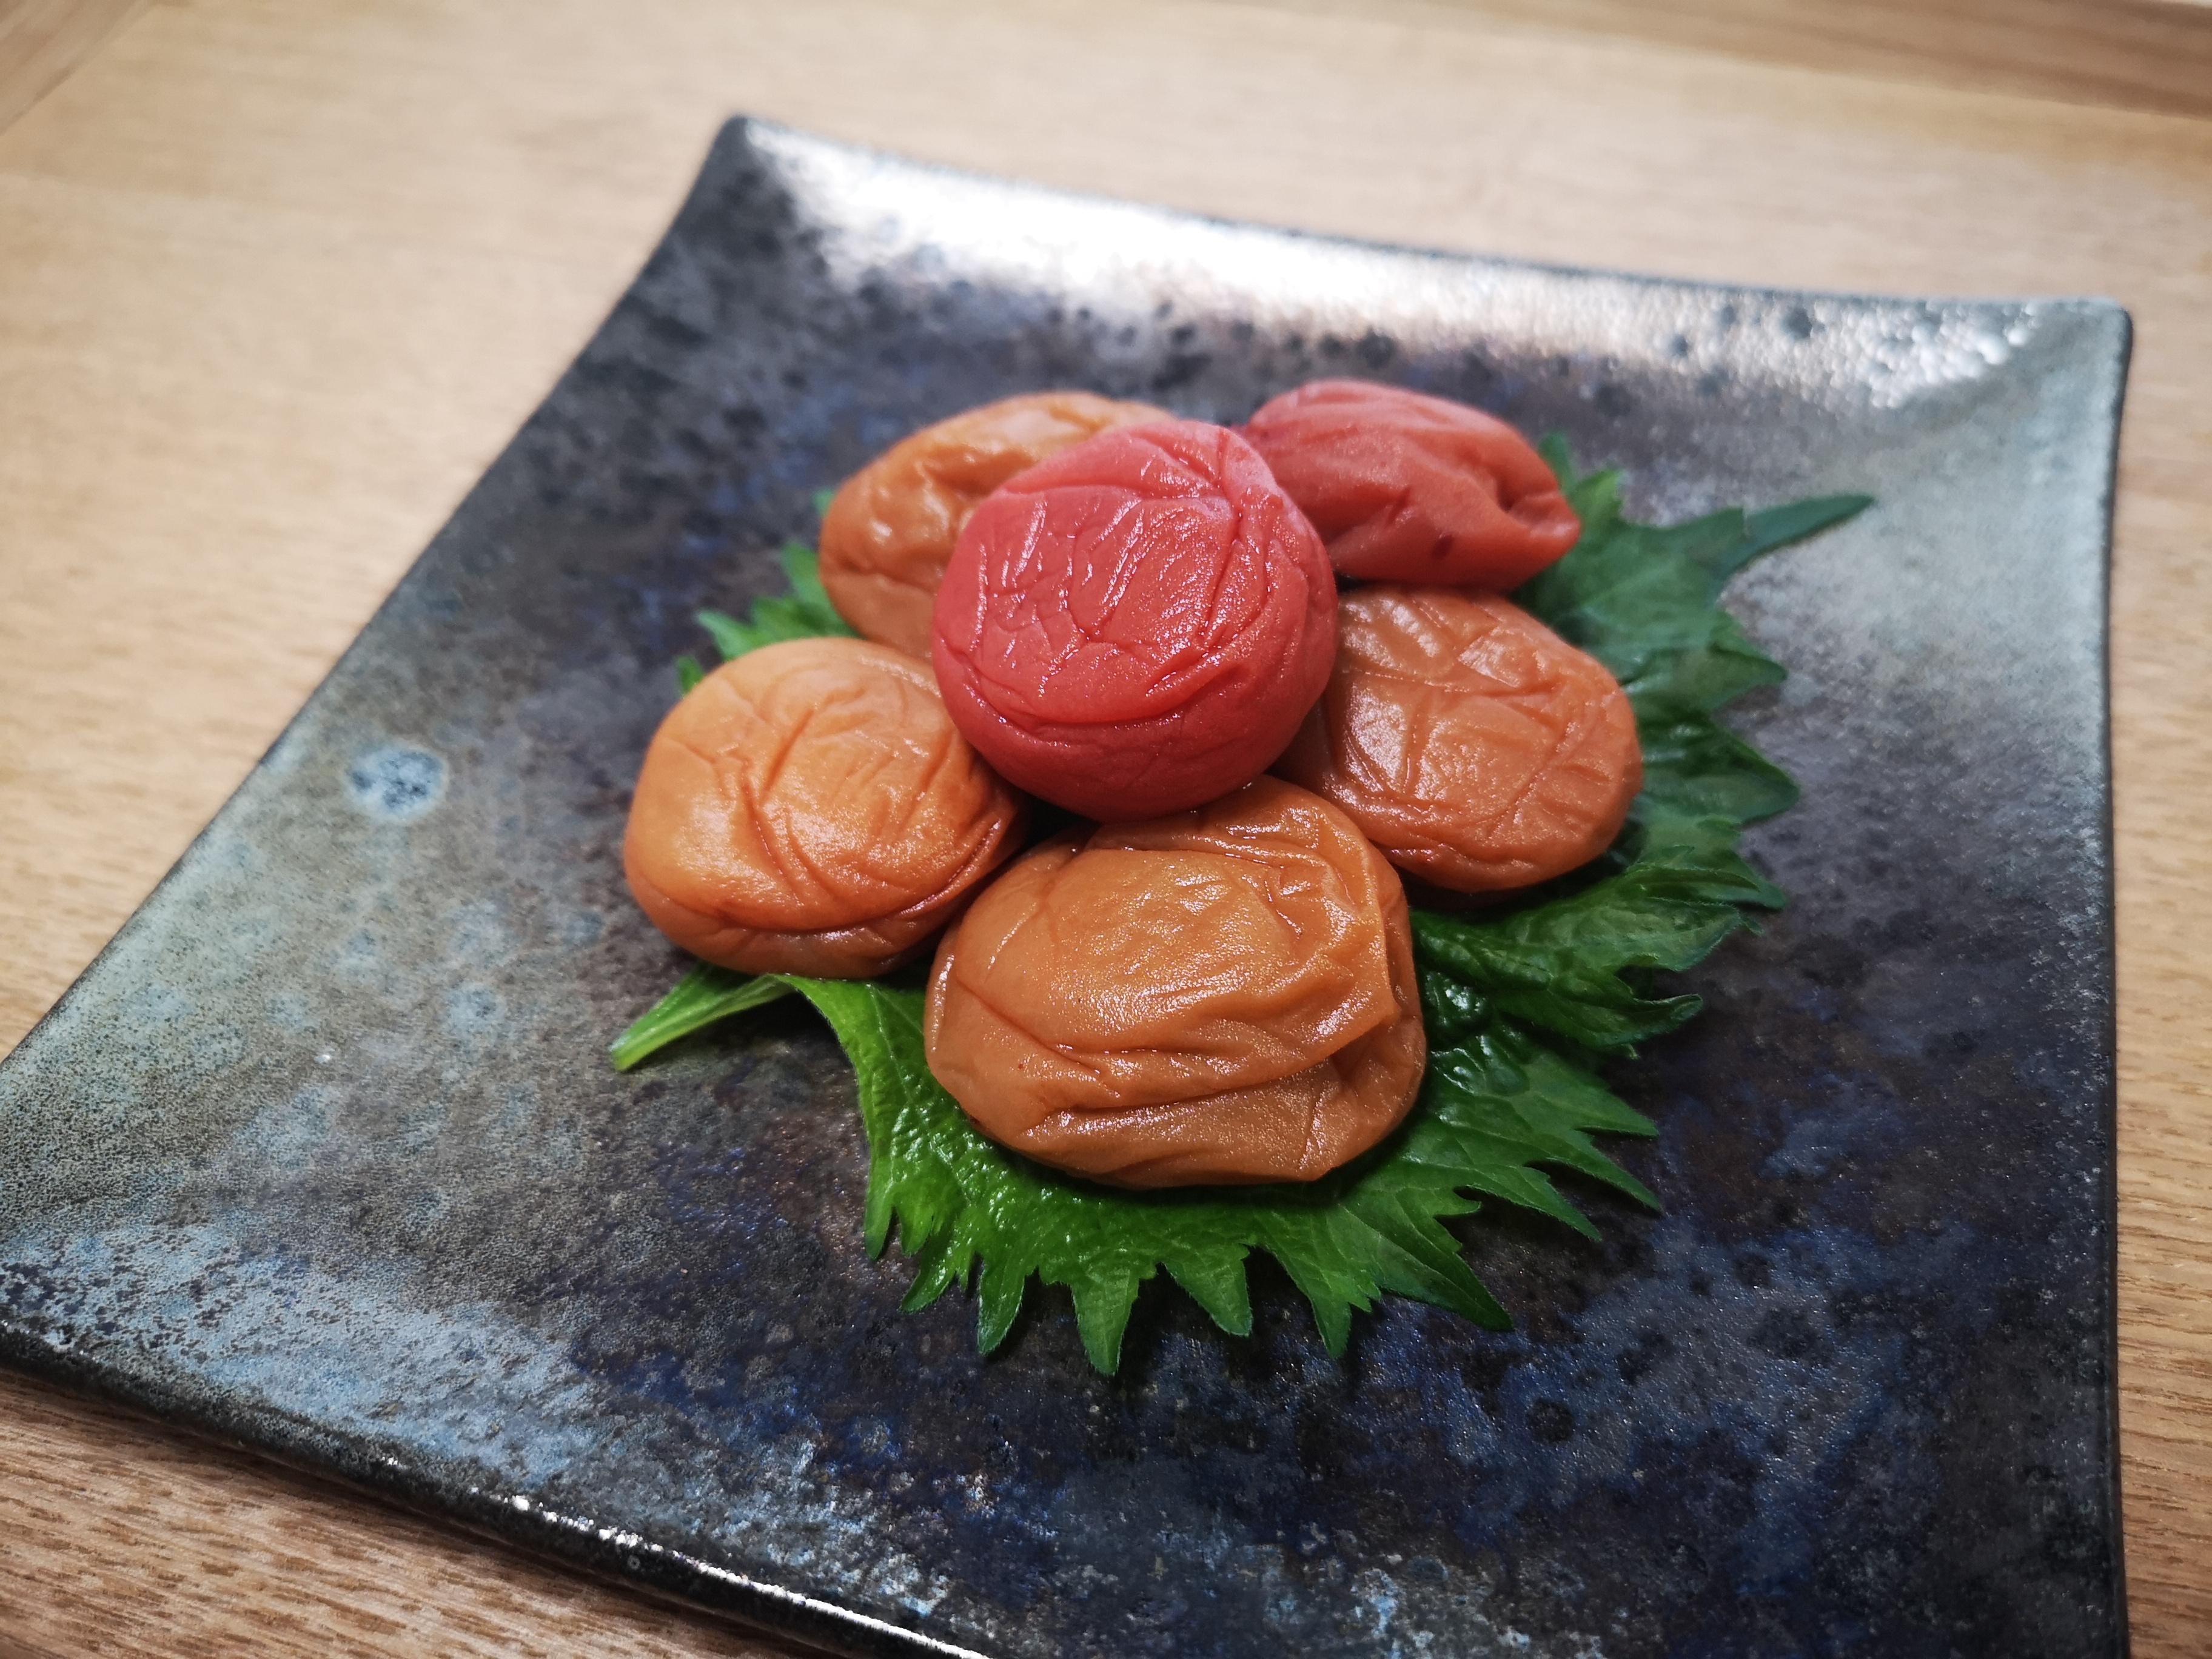 大相撲幕内力士贈答品の梅干し 福梅ぼしの「梅干しお試しセット」レビュー